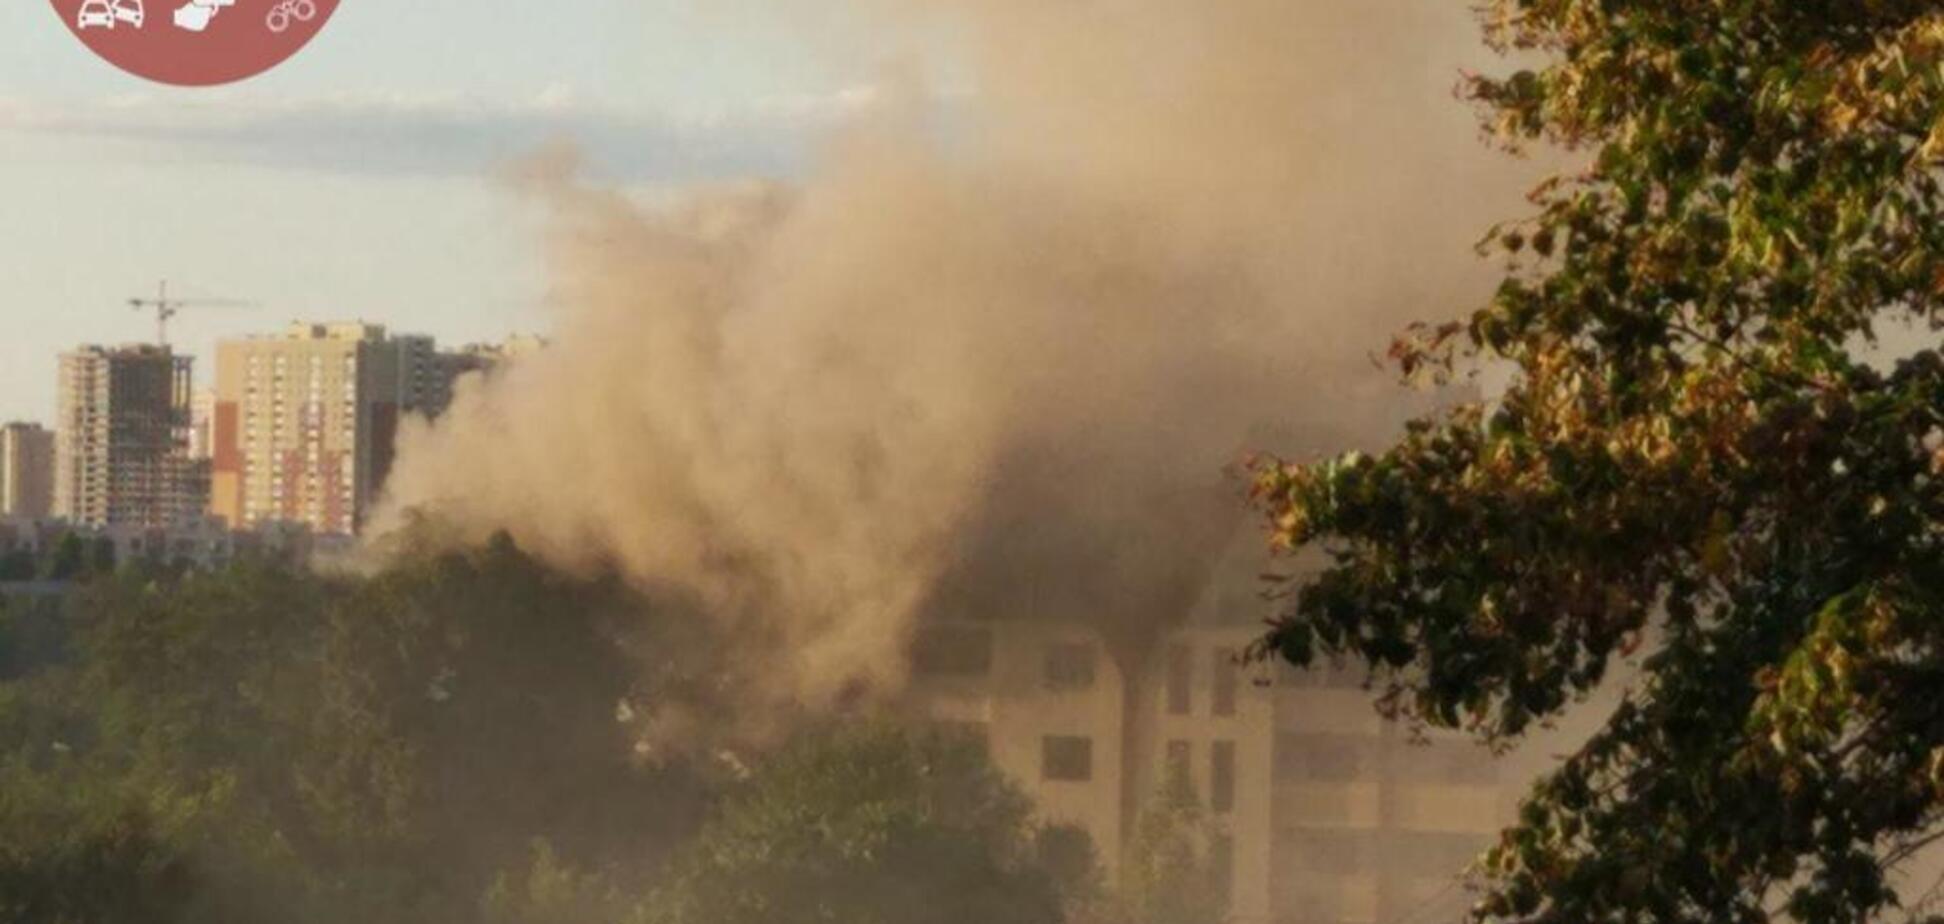 ''Будівля розвалюється на очах'': у Києві спалахнула сильна пожежа в новобудові